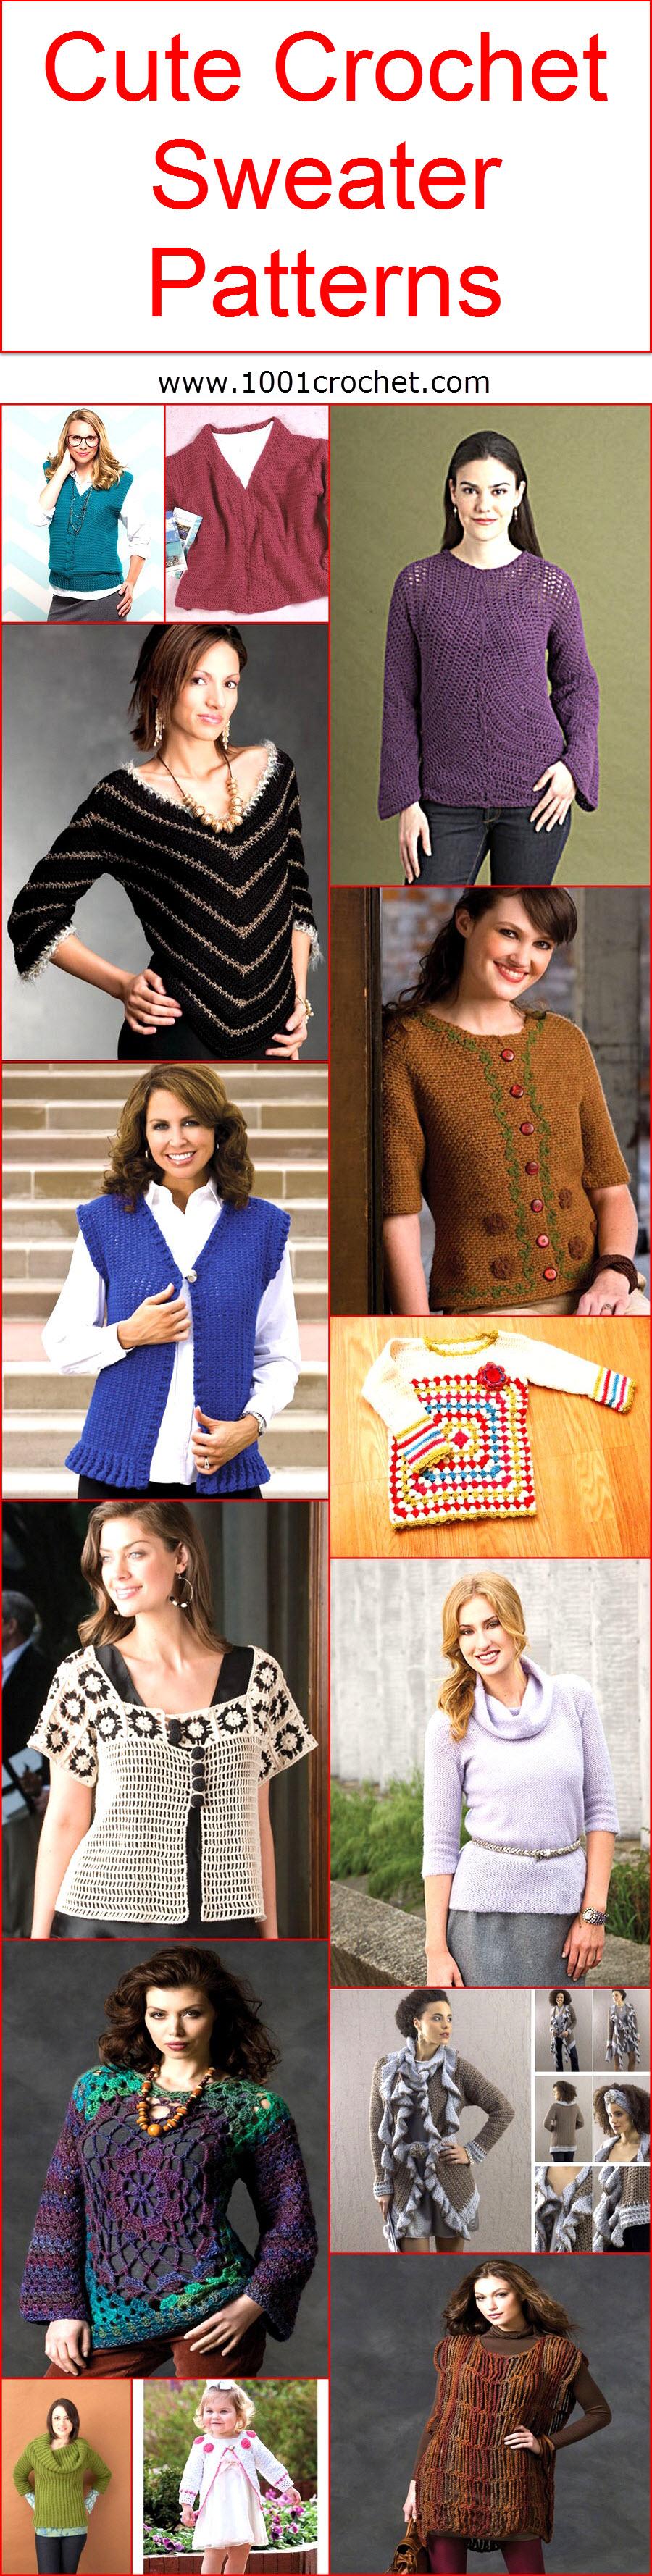 cute-crochet-sweater-patterns